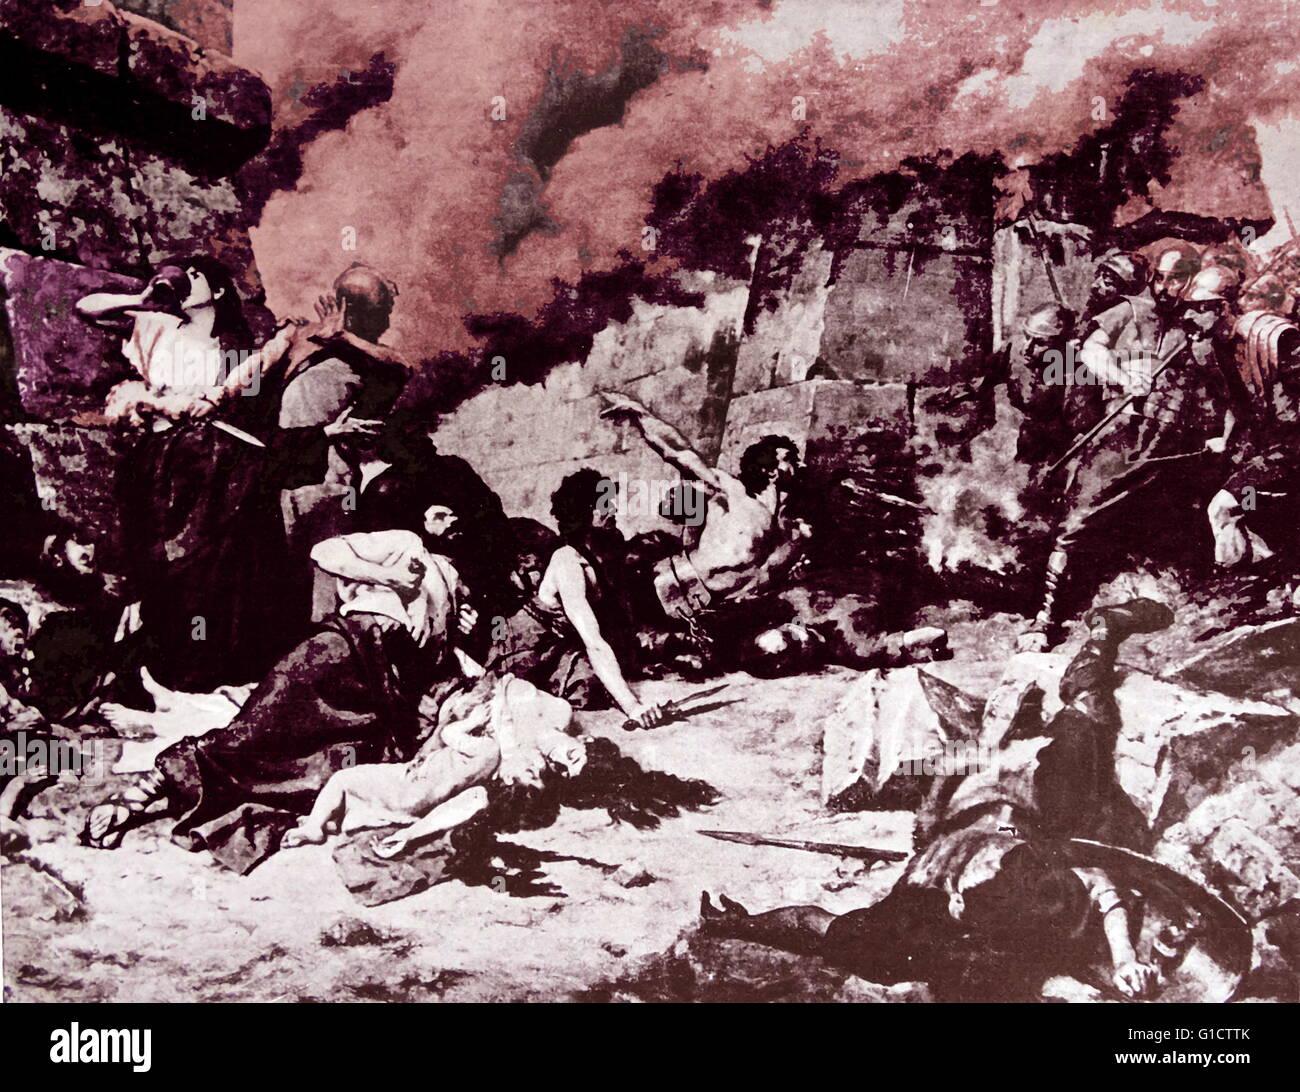 Numancia (Numancia's Last Day) 1881 by Alejo Vera y Estaca. Spanish painter. Numantia is famous for its role - Stock Image